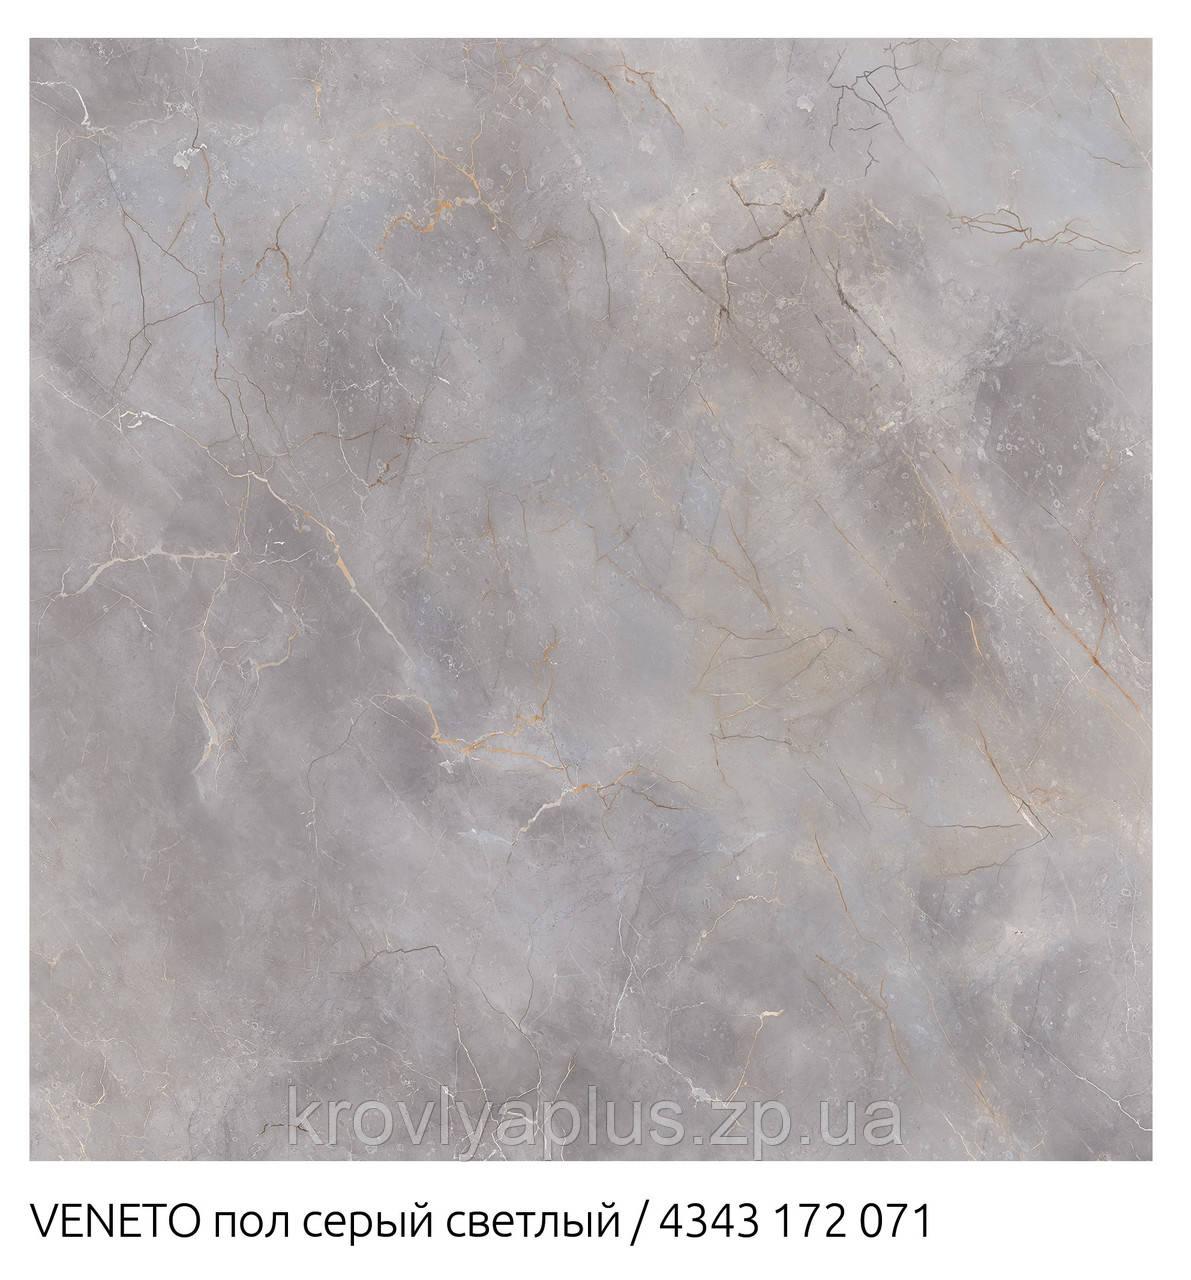 Напольный кафель ВЕНЕТО / VENETO серый светлый